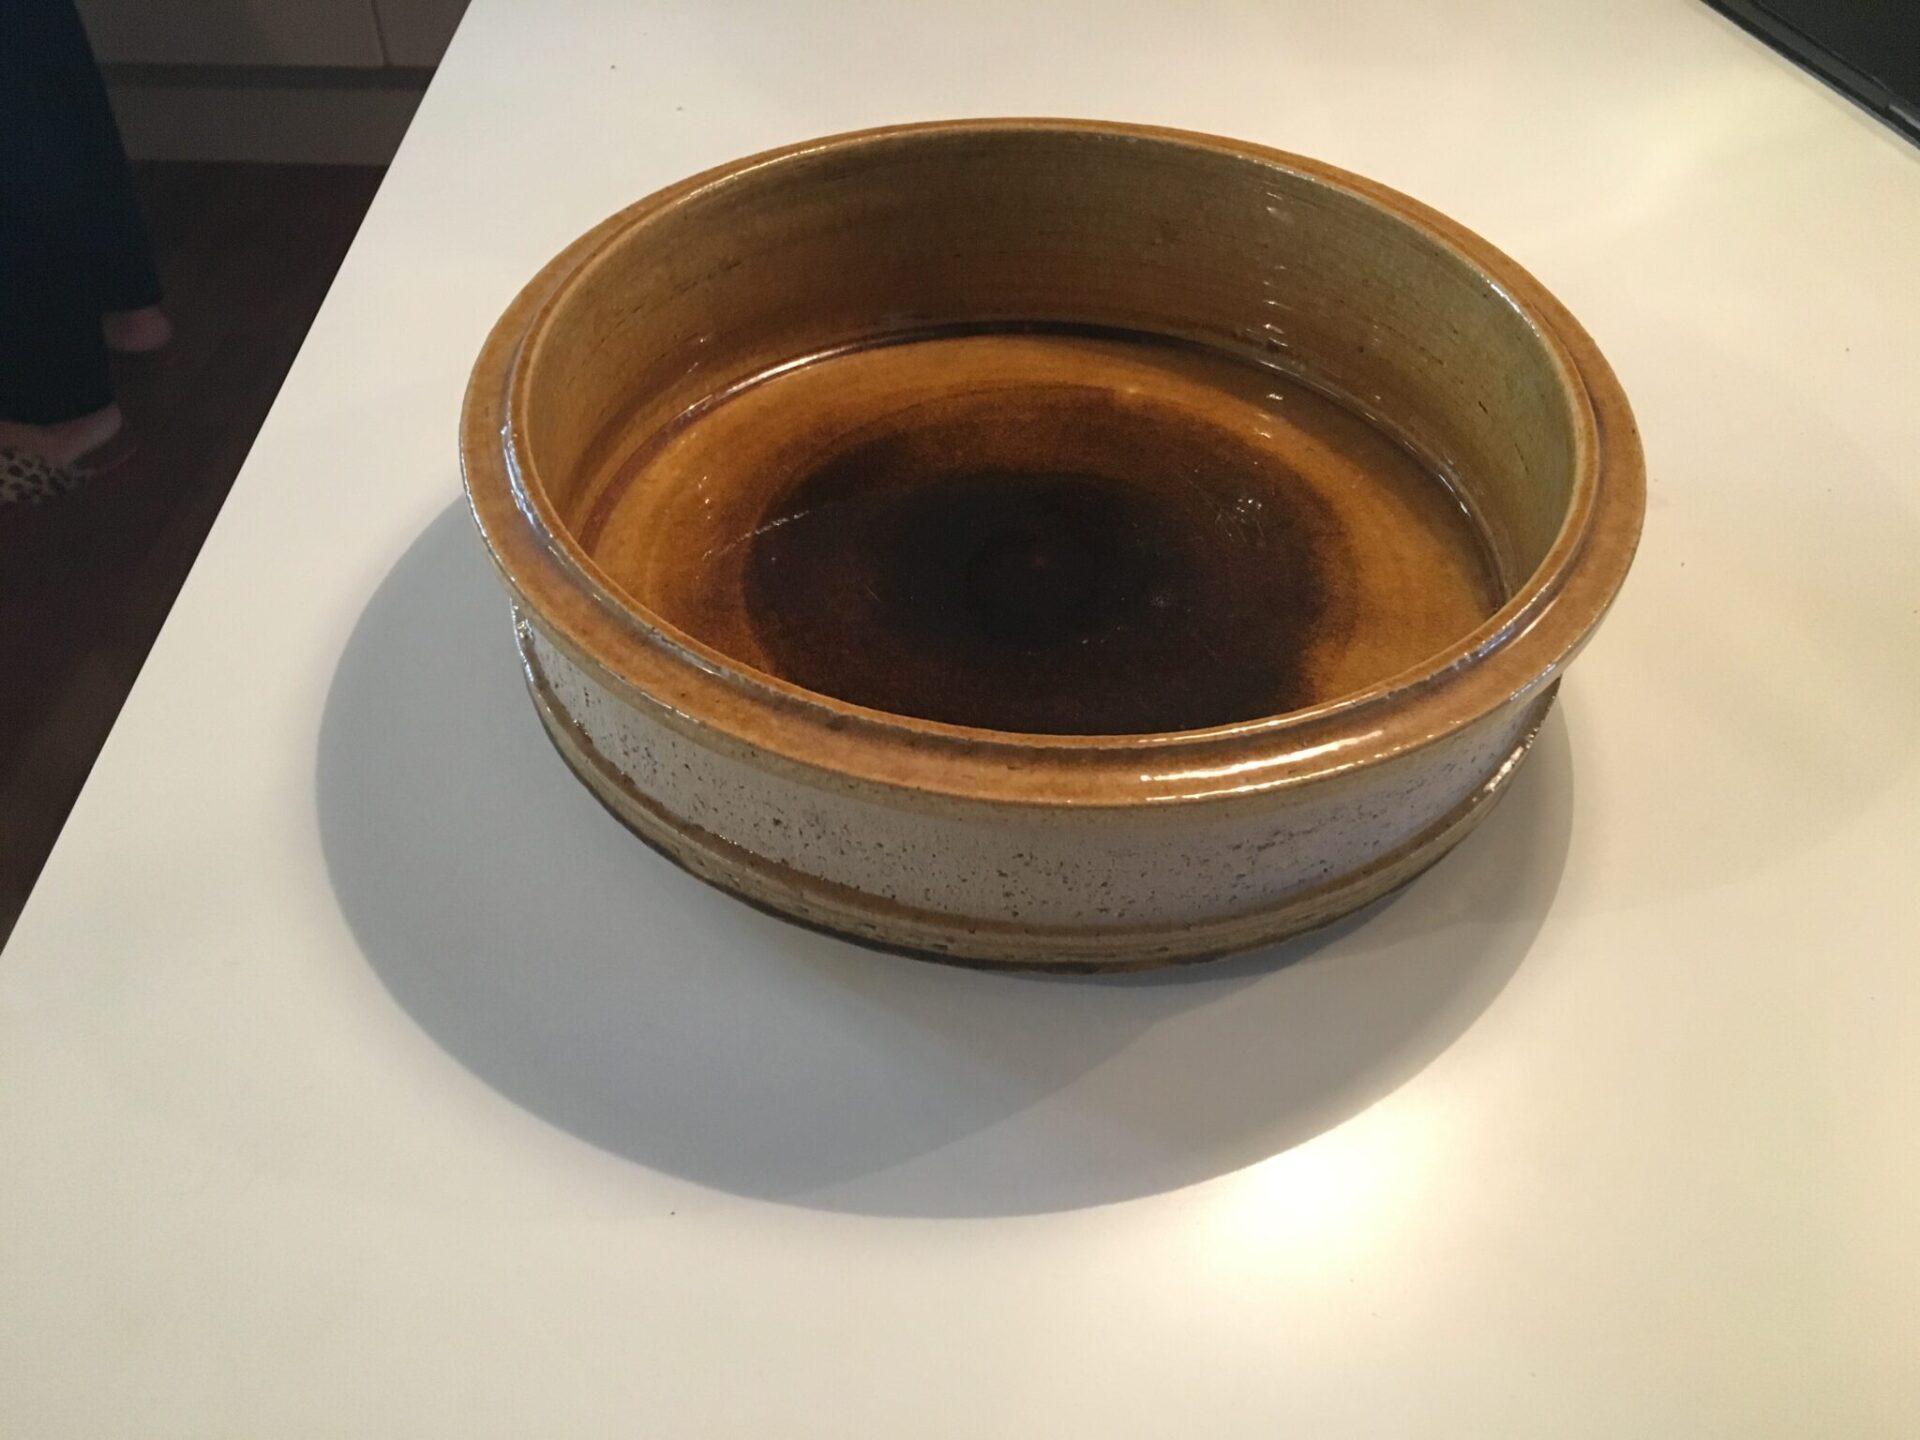 Kähler skål, d=29 cm, h=9,5 cm, pris 400 kr